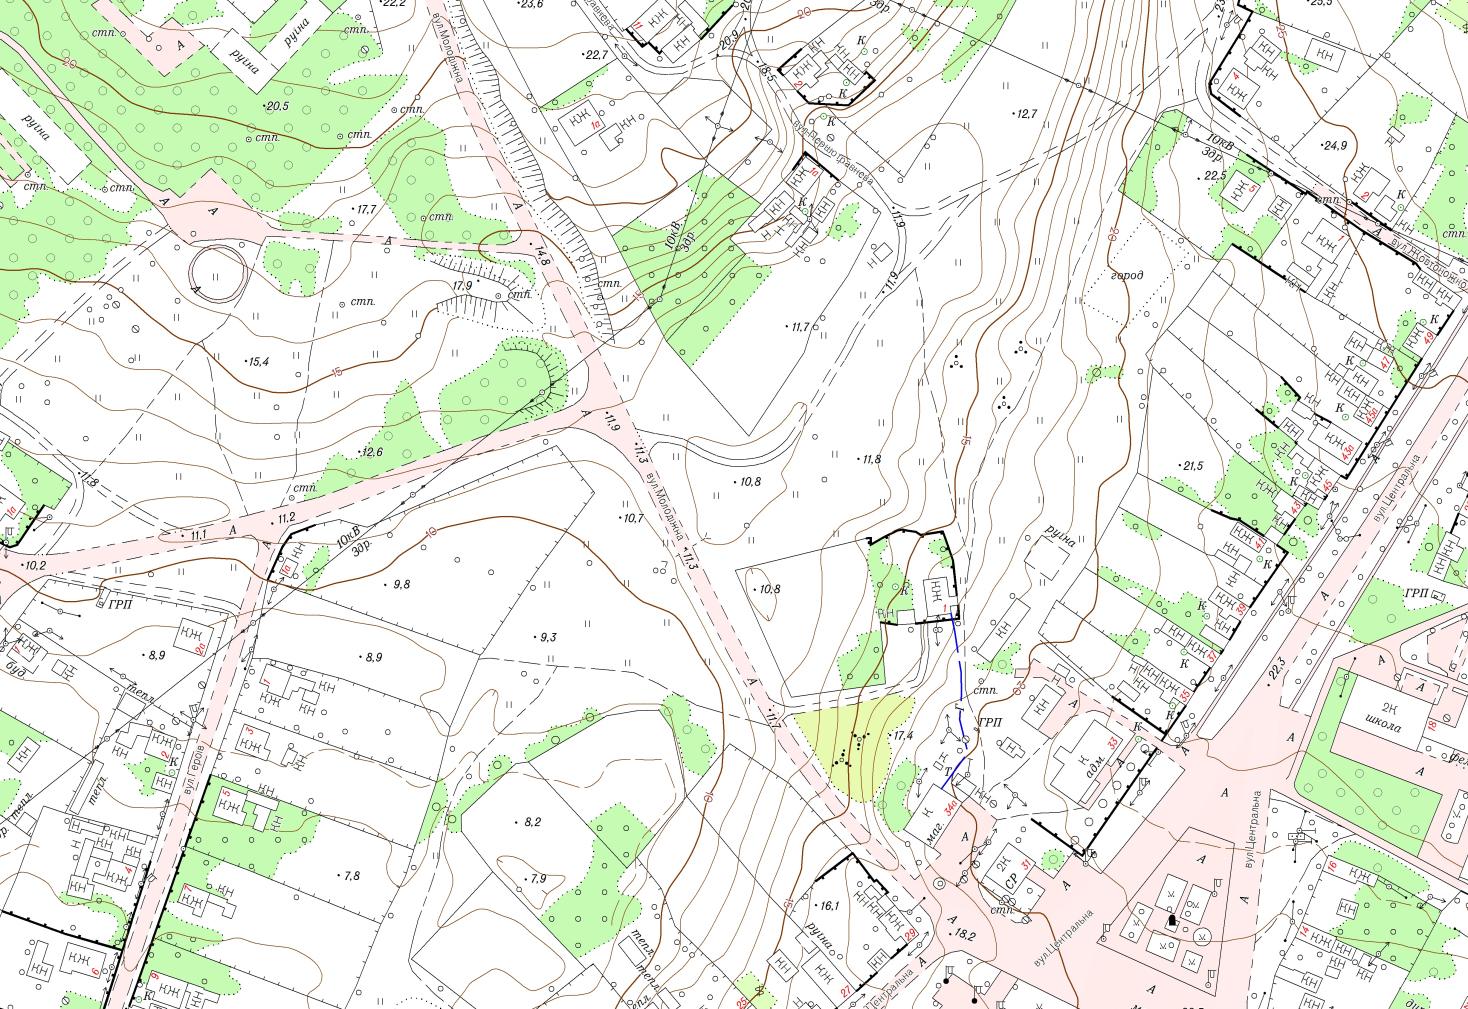 Фрагмент топографічного плану М1:2000 с. Гур'ївка Новоодеського району Миколаївської області